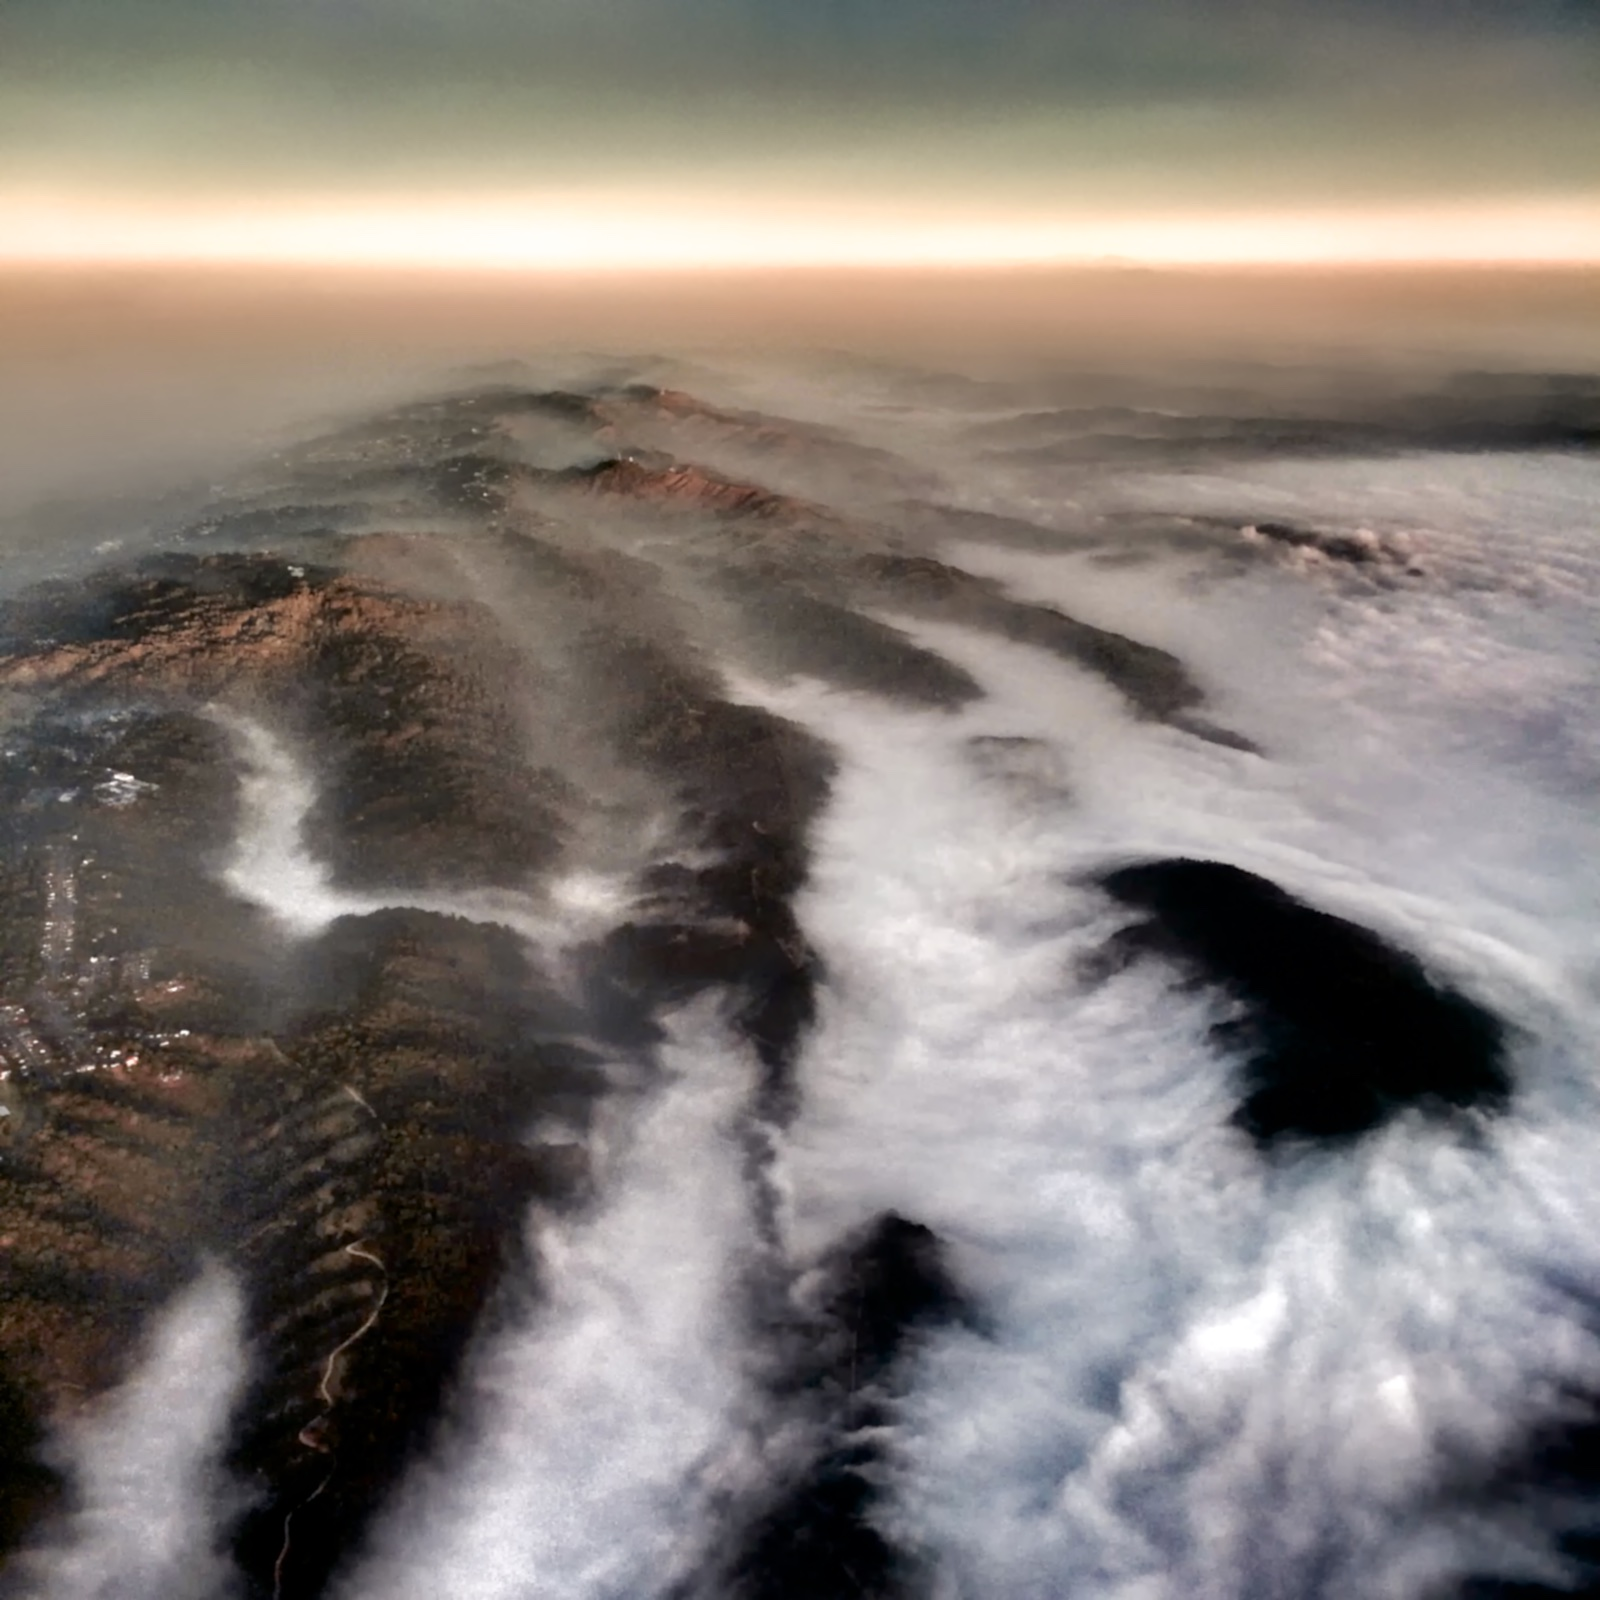 http://thedigitalstory.com/2015/01/16/Fog-Over-Valleys.jpg